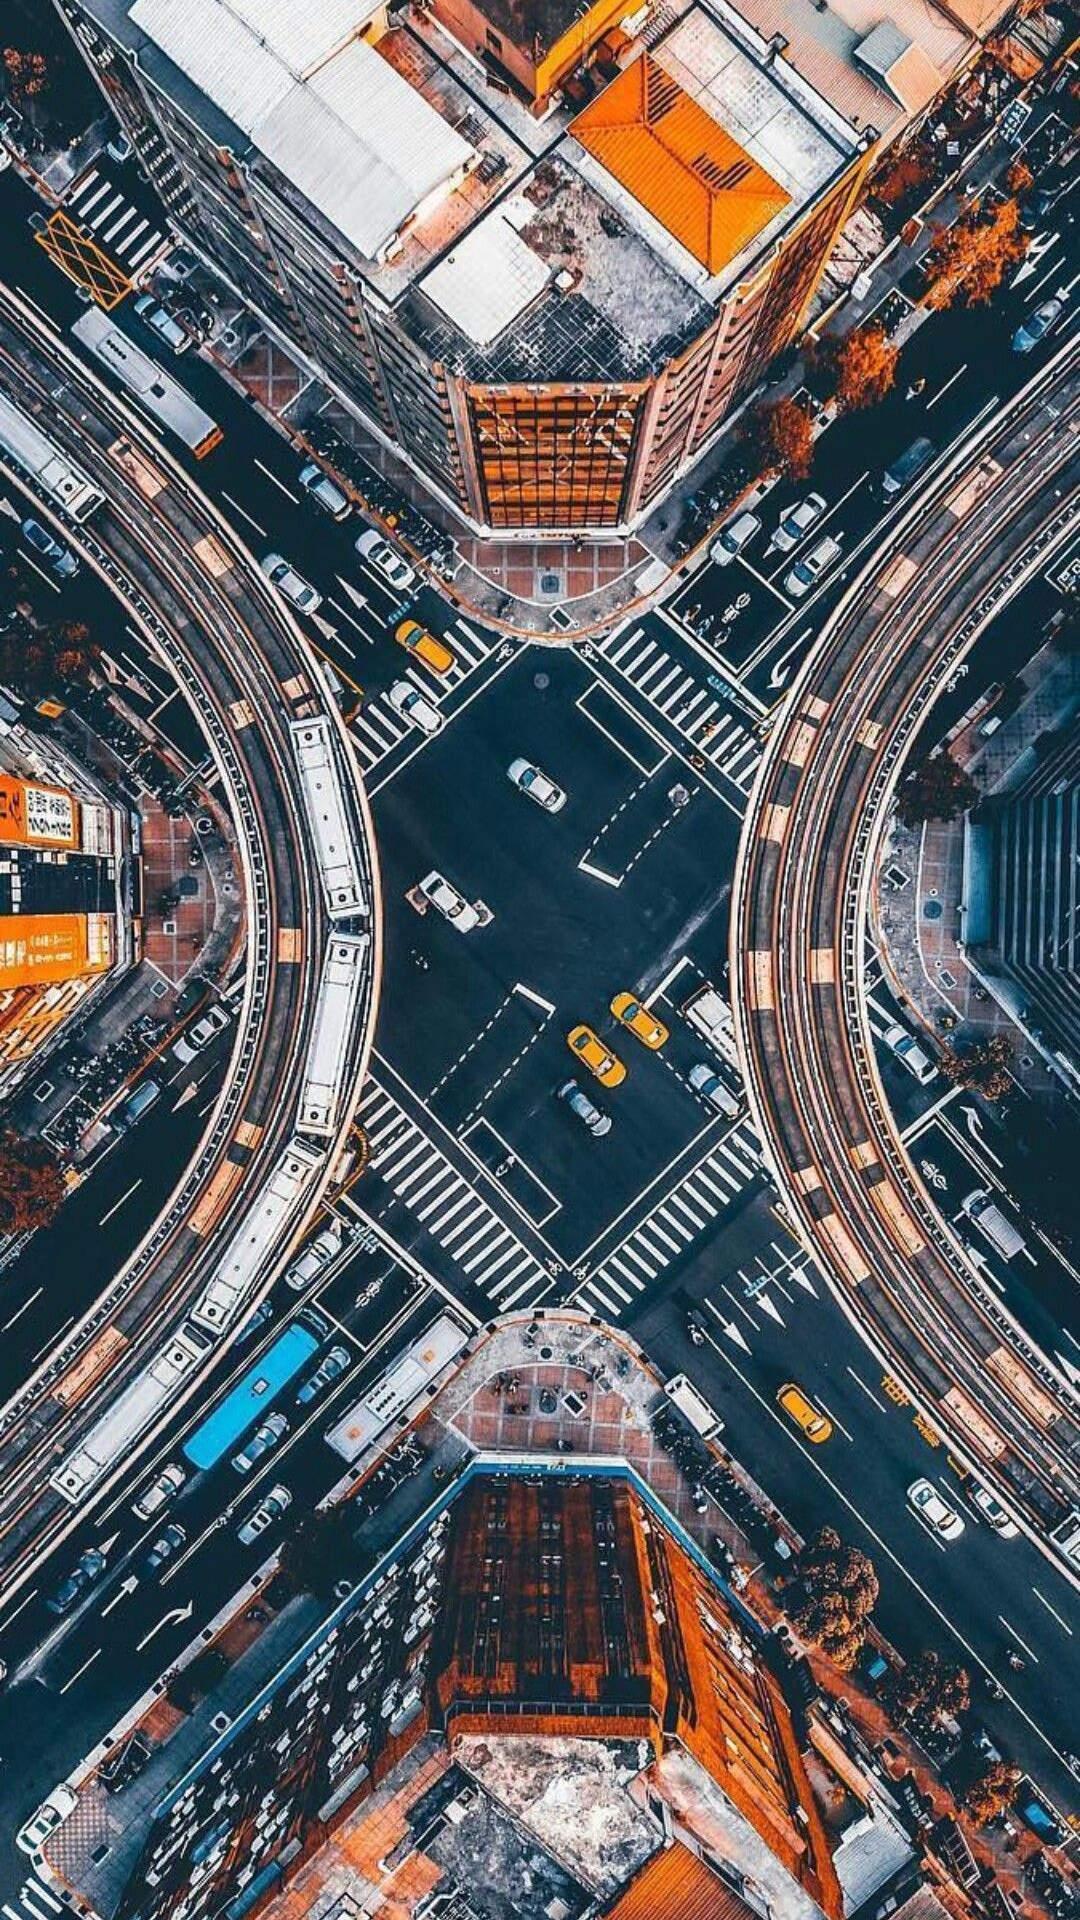 Hong Kong City Aerial View iPhone Wallpaper